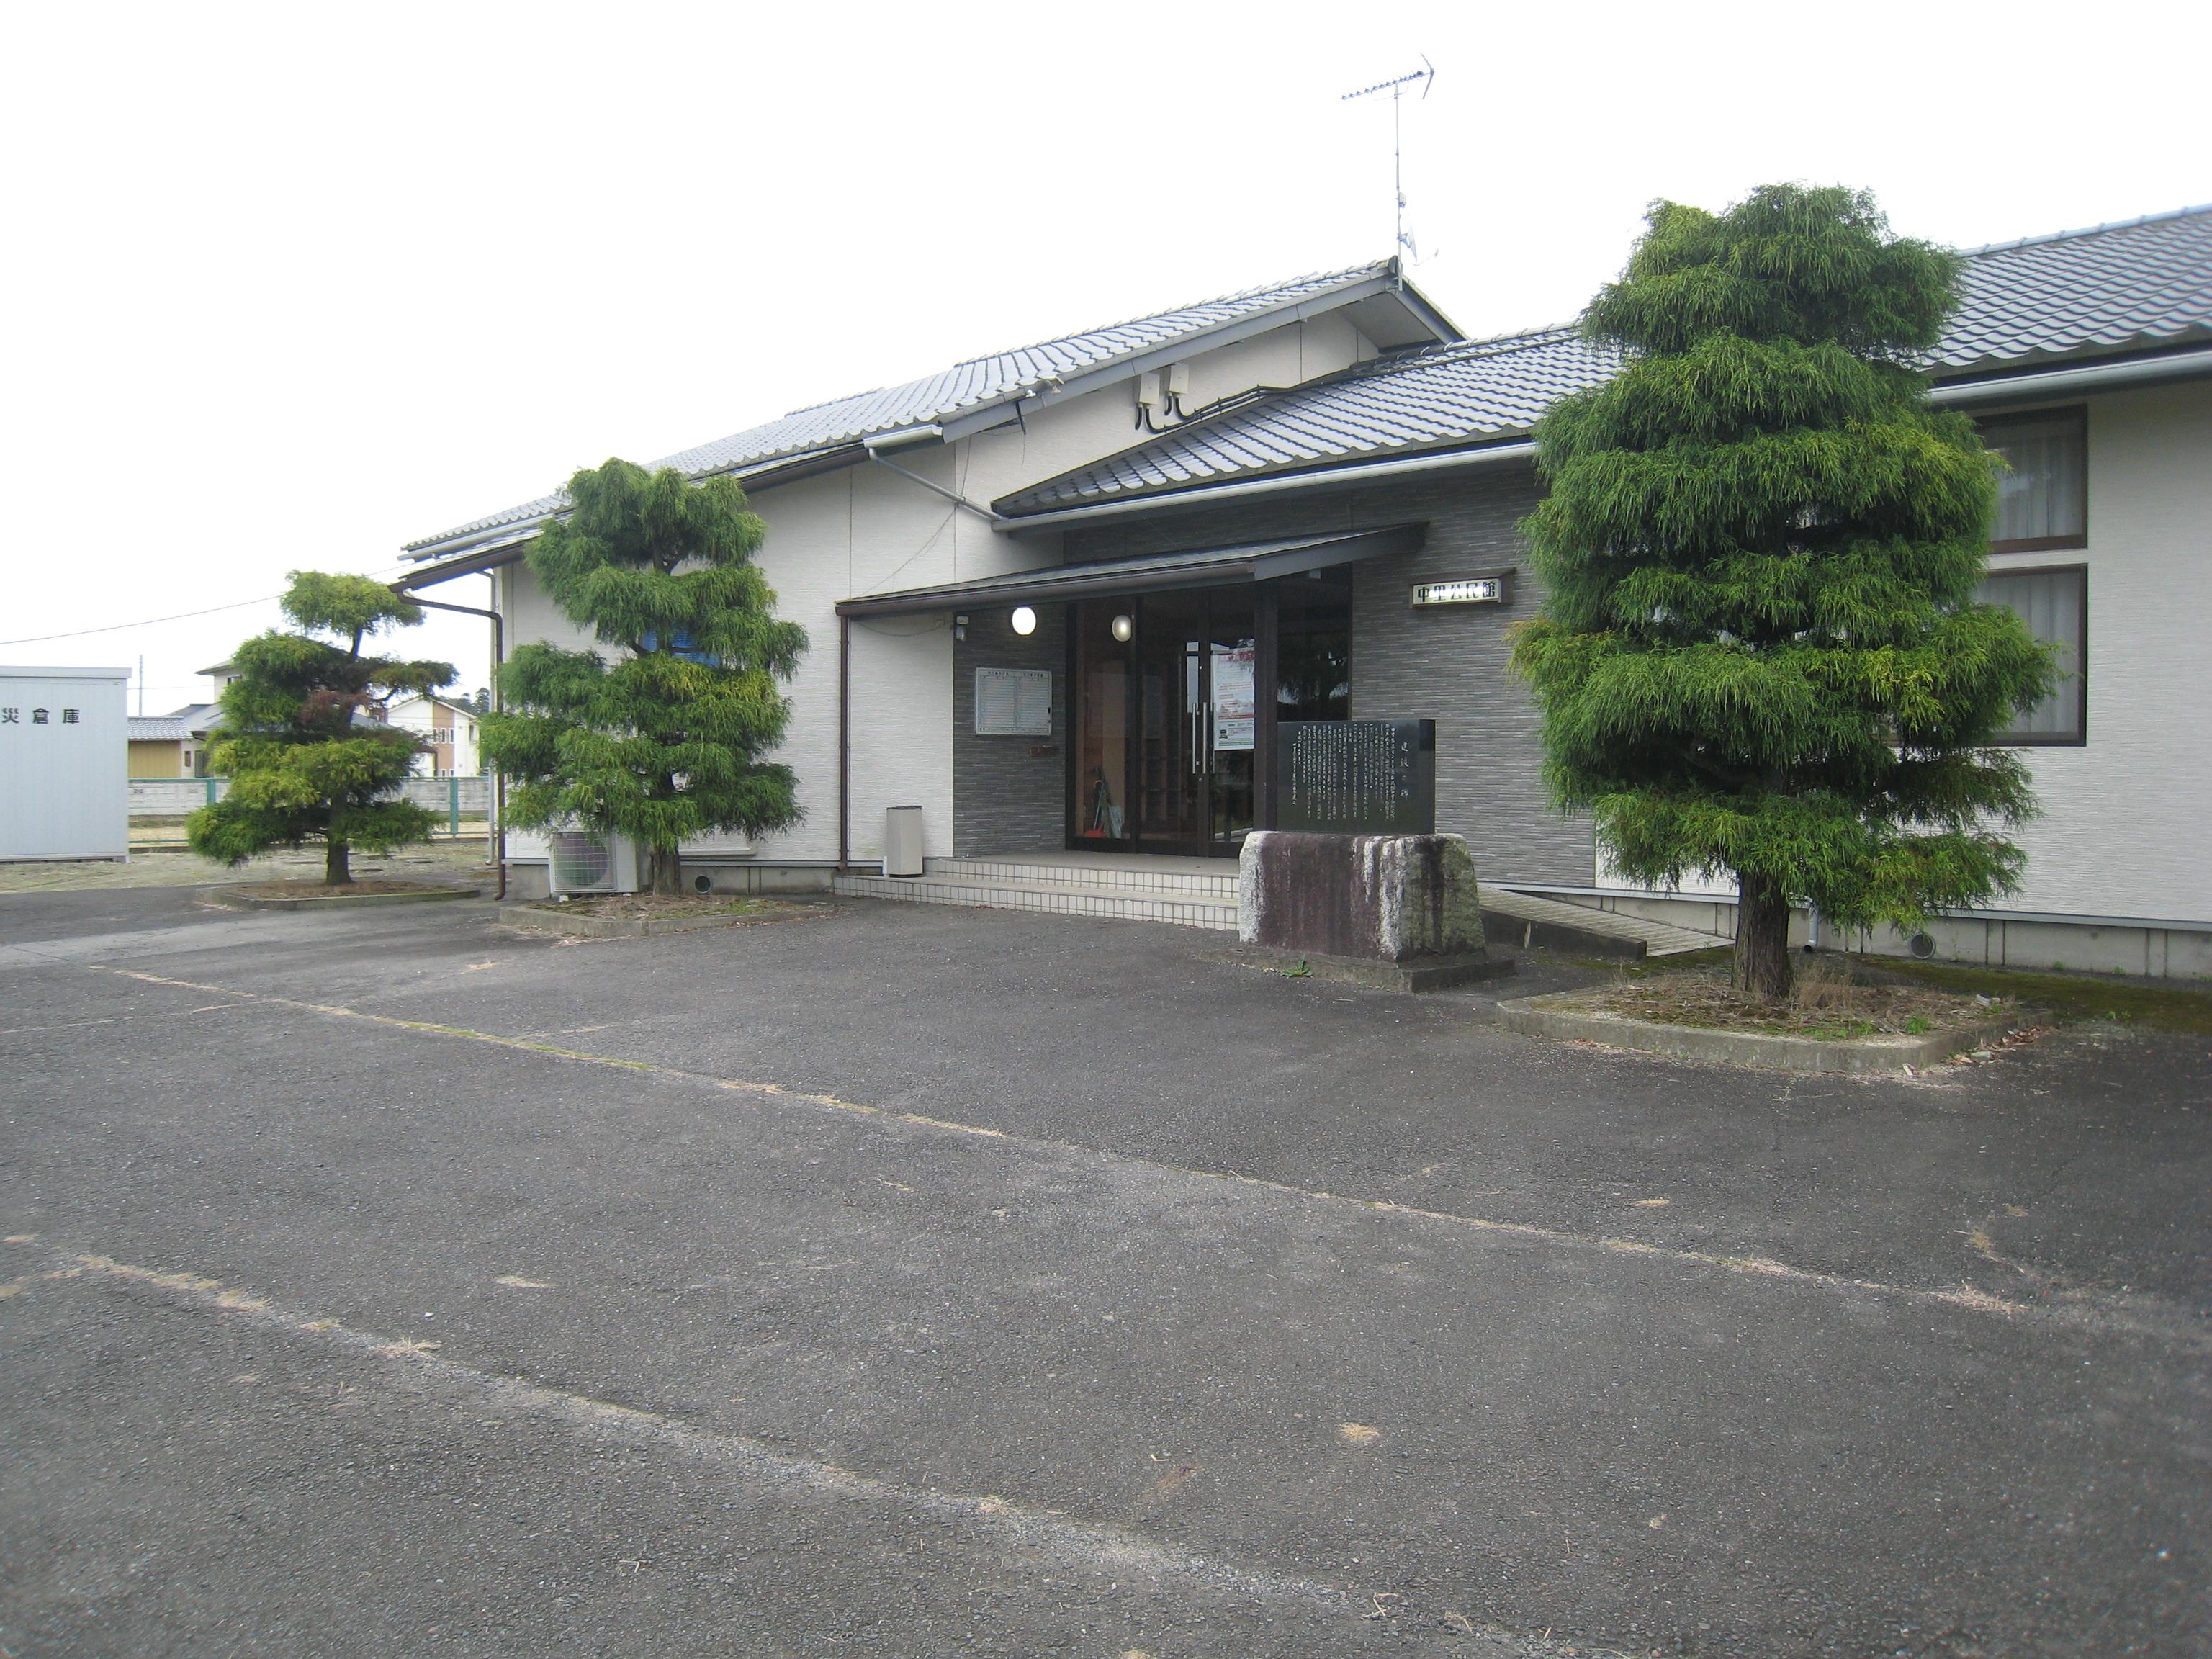 施設:㉓瓜連第2投票区 中里公民館